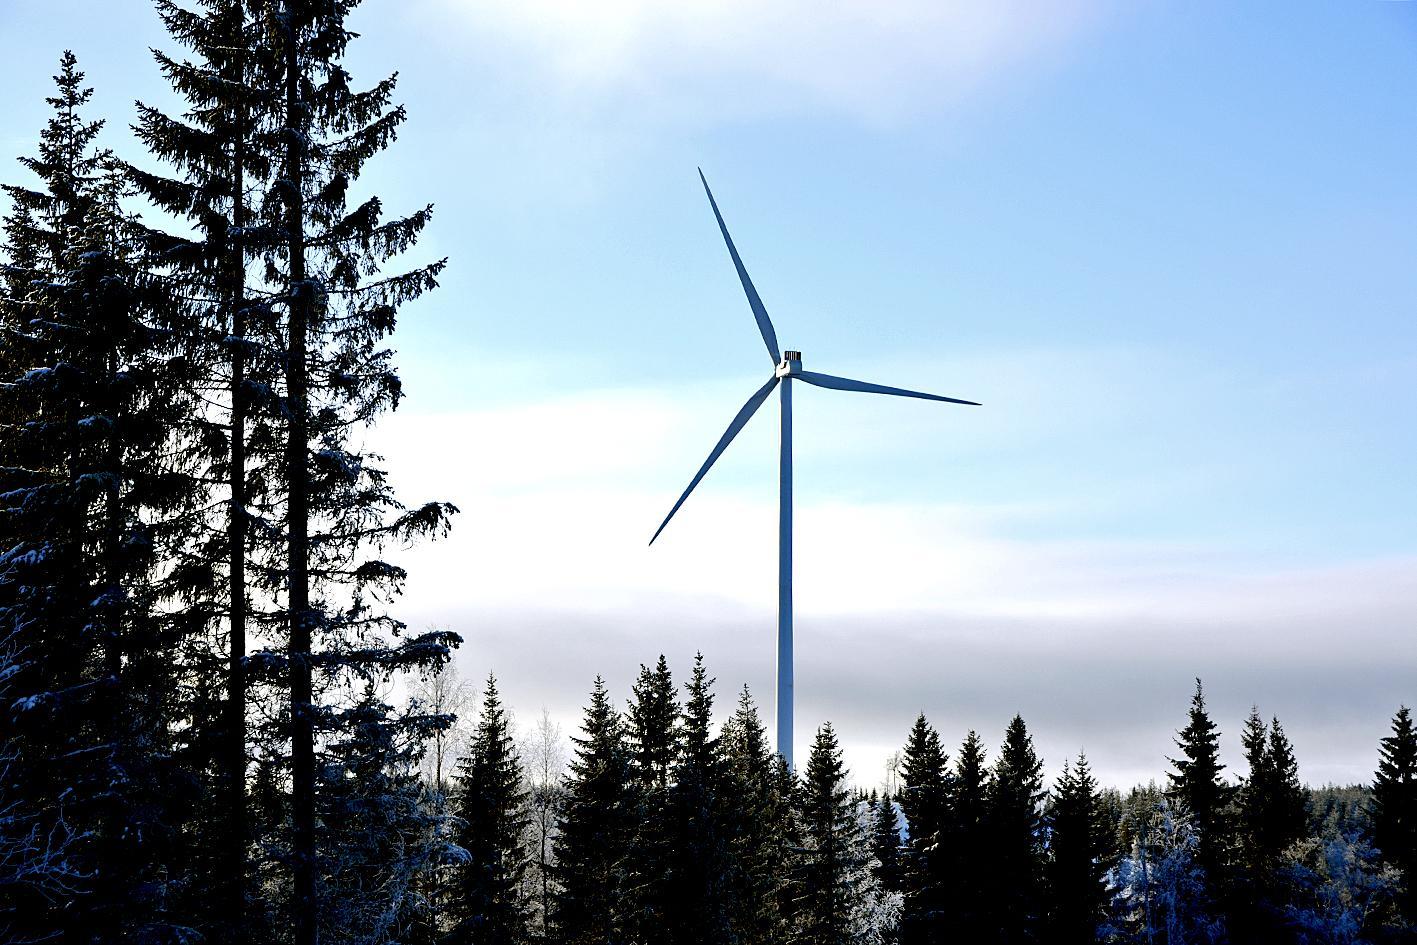 Planerna för Storsjöhöjden/Fängsjön handlar om en total satsning på över fyra miljarder, varav en miljard kan hamna hos våra lokala företagare. Detta ger hundratals arbetstillfällen i uppbyggnadsfasen och cirka 30 i driftsfasen när vindparken står klar, skriver debattförfattarna.